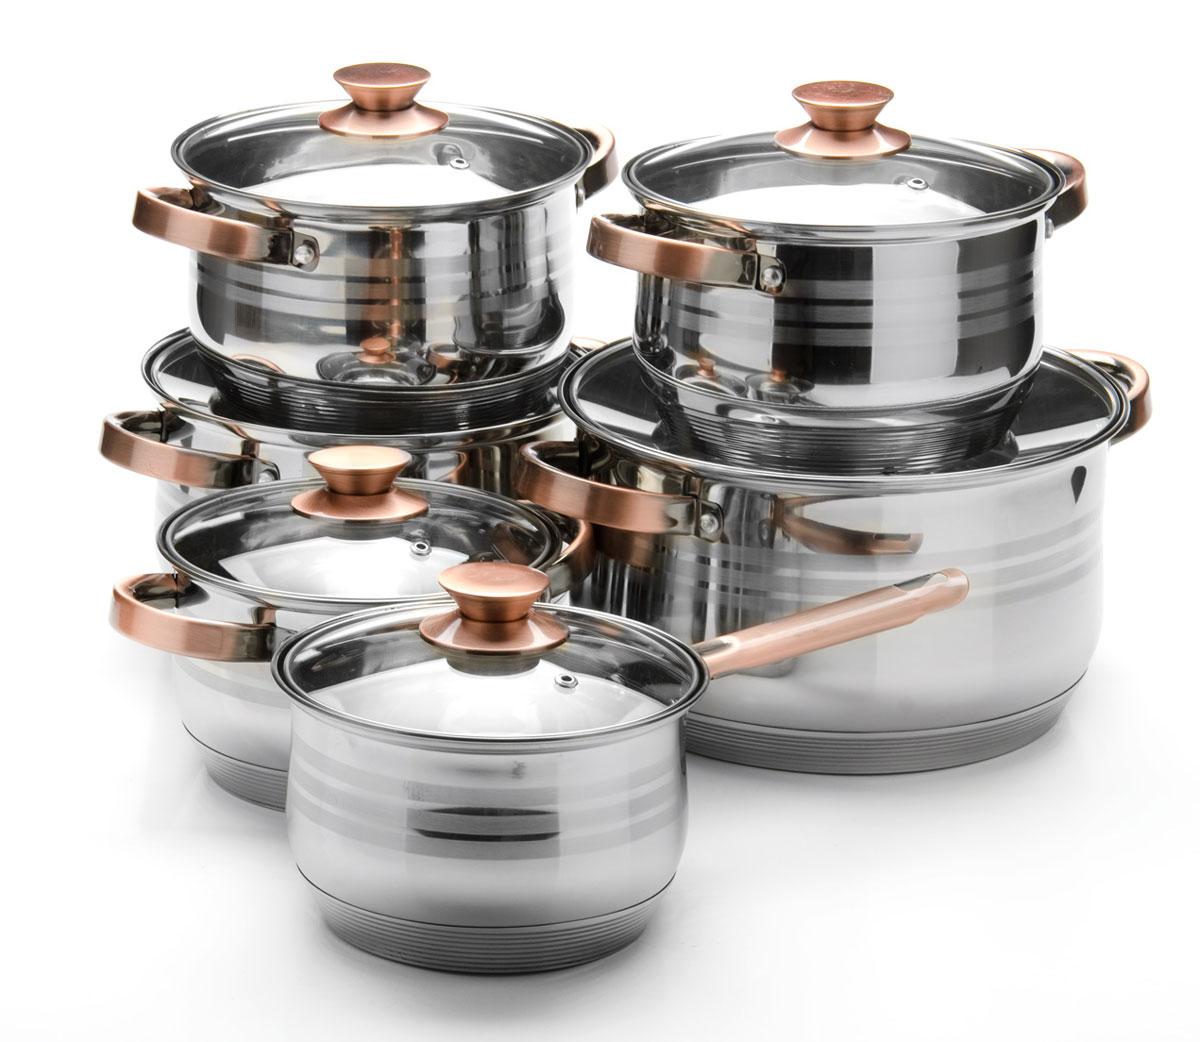 Набор посуды Mayer & Boch, 12 предметов. 2604226042Набор посуды станет отличным дополнением к набору кухонной утвари. С его приобретением приготовление ваших любимых блюд перейдет на качественно новый уровень и вы сможете воплотить в жизнь любые кулинарные идеи. В комплект входят 12 предметов: сотейник (объем 2,1 л), 3 кастрюли (объем 2,1, 3,9, 6,6 л) и 2 кастрюли (объем 2,9 л), 6 крышек. Набор многофункционален и удобен в использовании, подойдет для варки супов, приготовления блюд из мяса и рыбы, гарниров, соусов т. д.